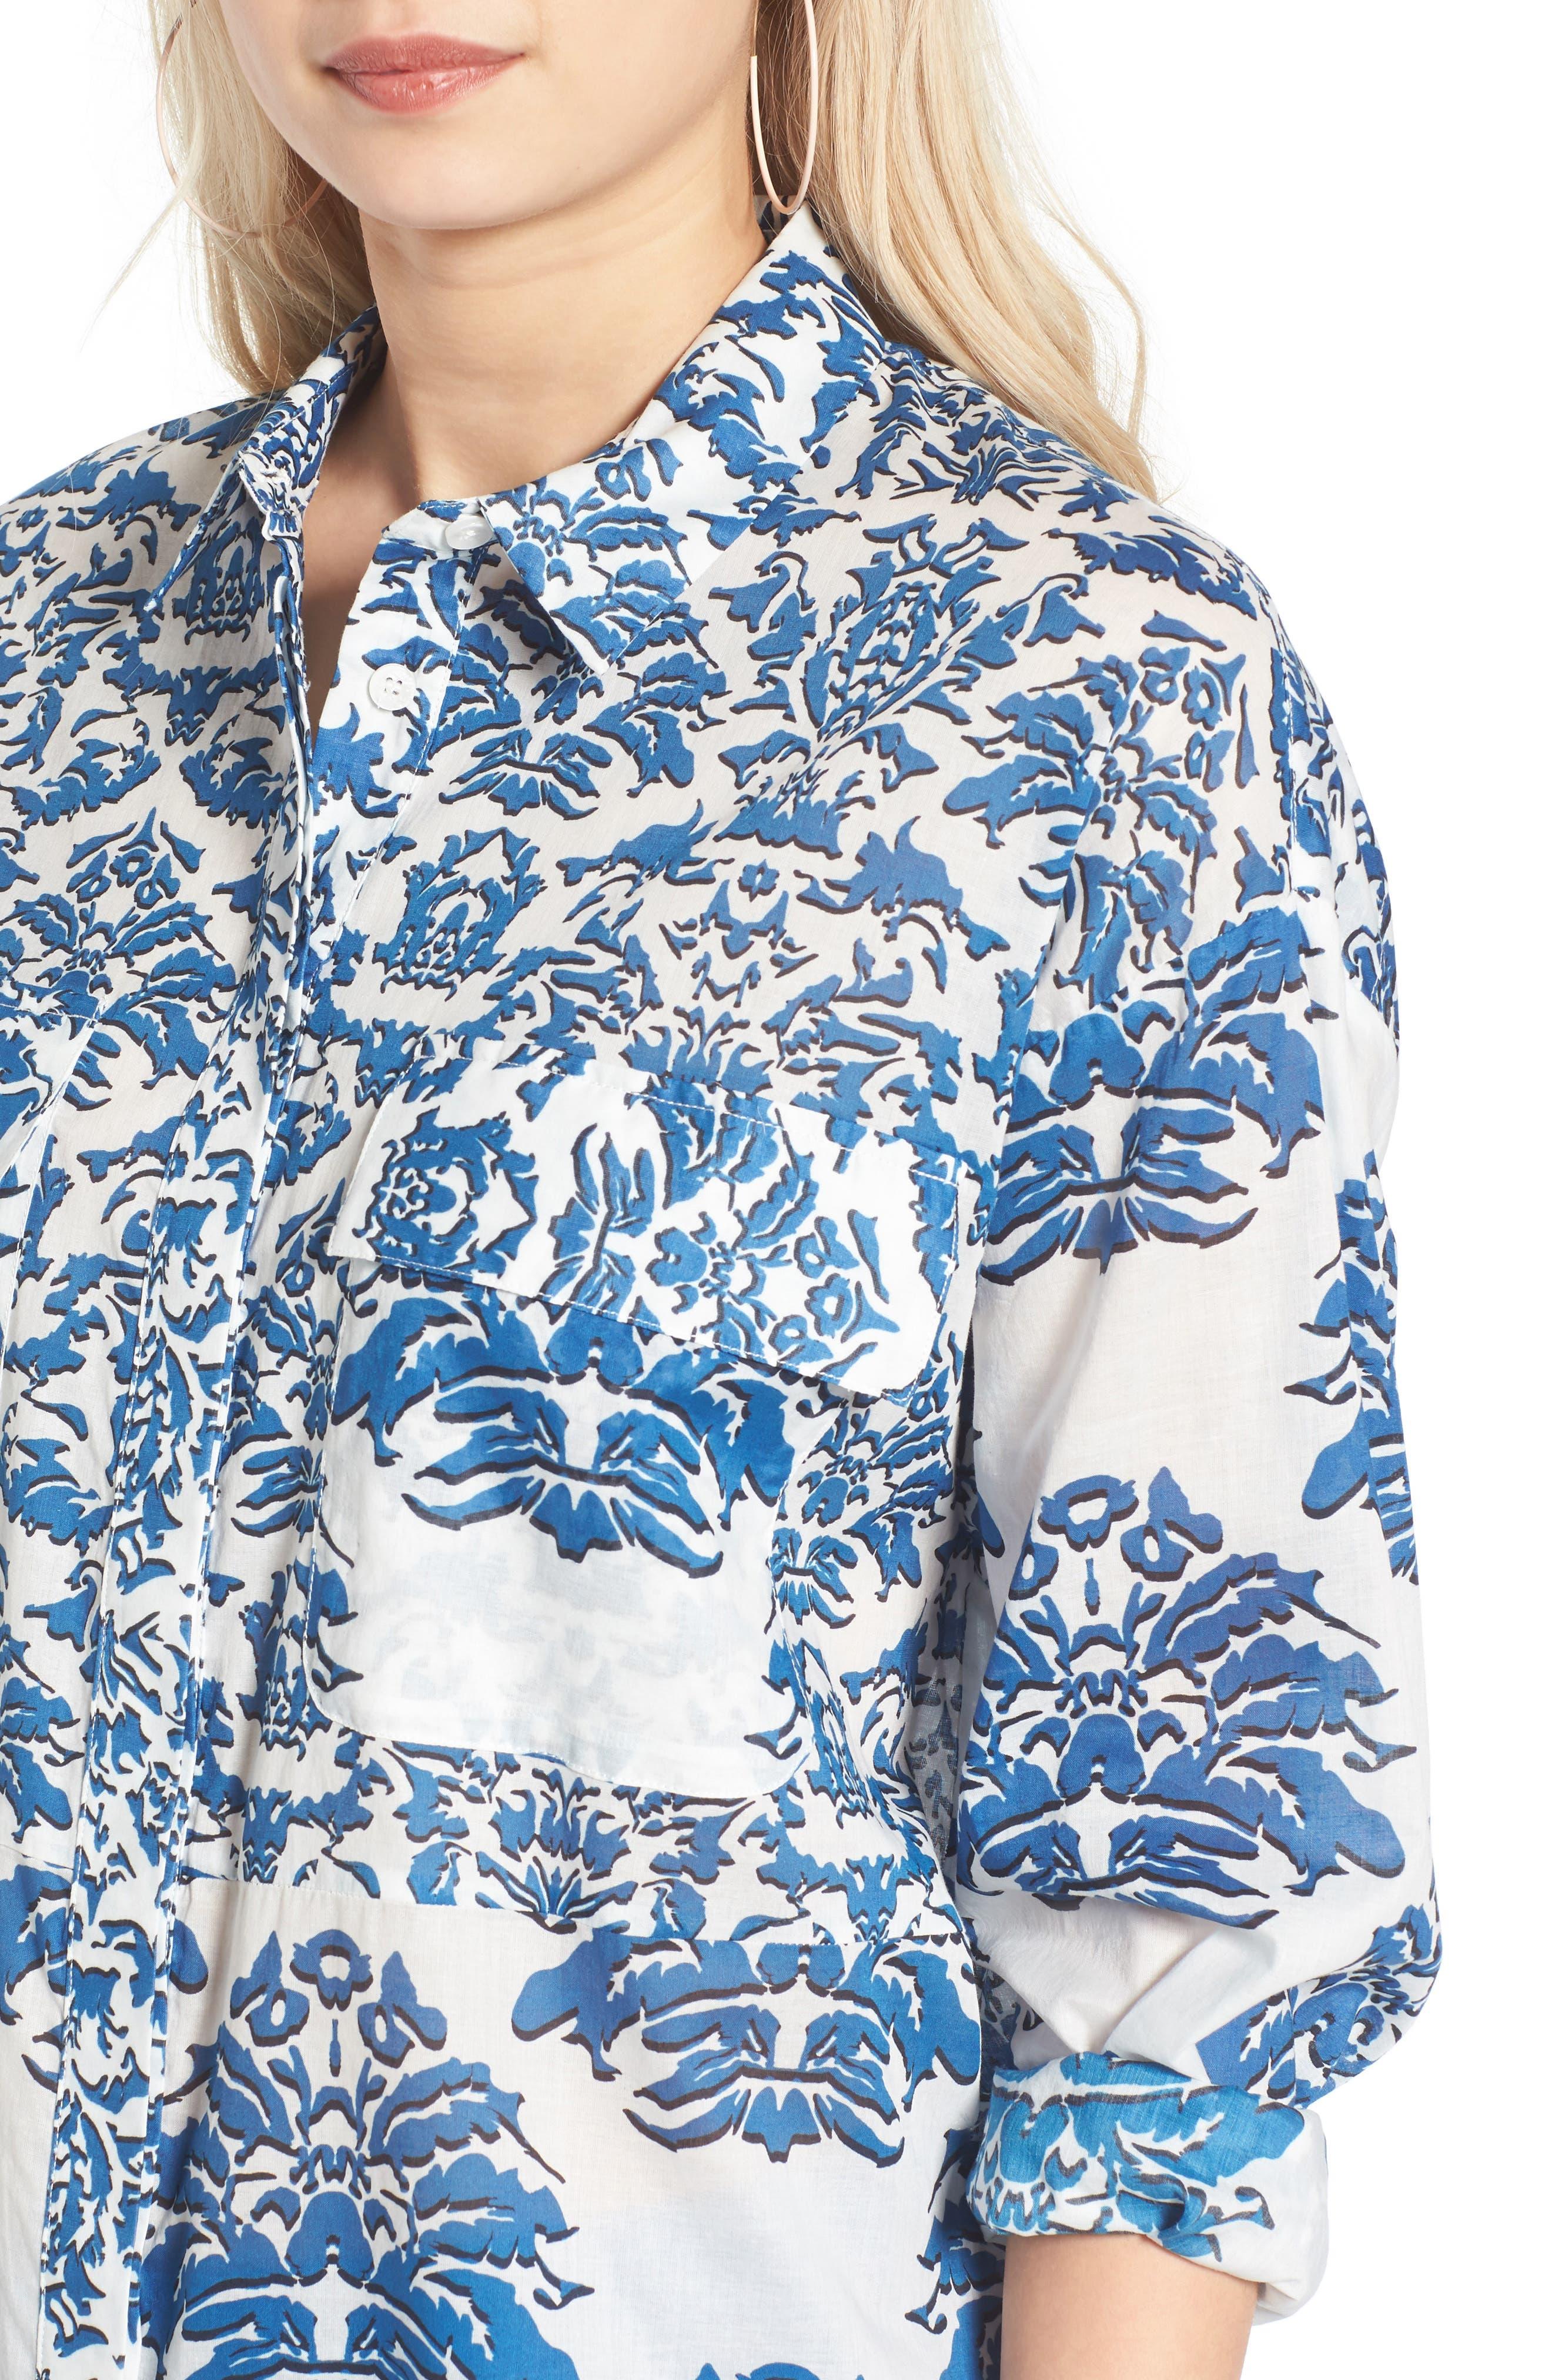 Porcelain Print Oversize Cotton Blouse,                             Alternate thumbnail 4, color,                             468